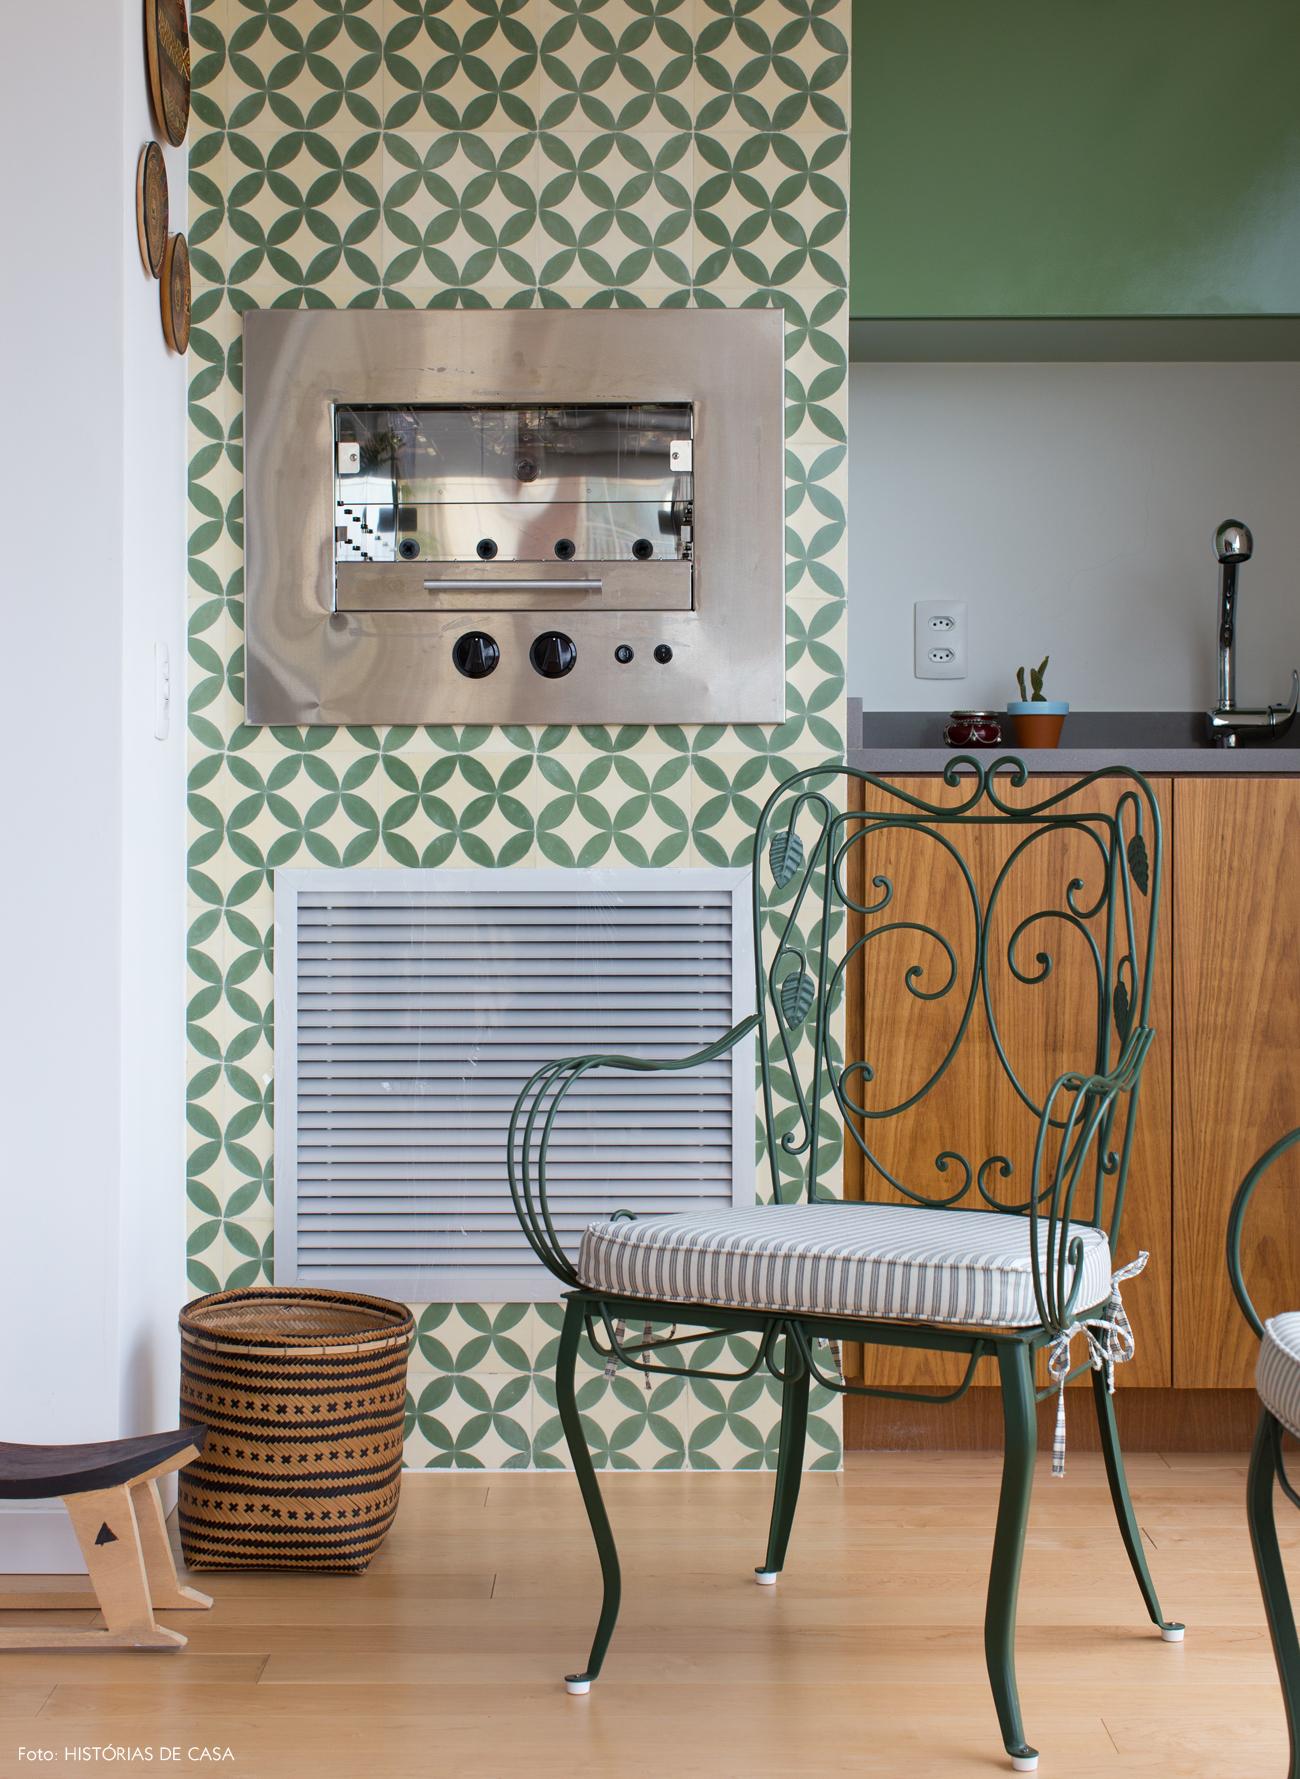 14-decoracao-apartamento-varanda-integrada-churrasqueira-ladrilhos-hidraulicos